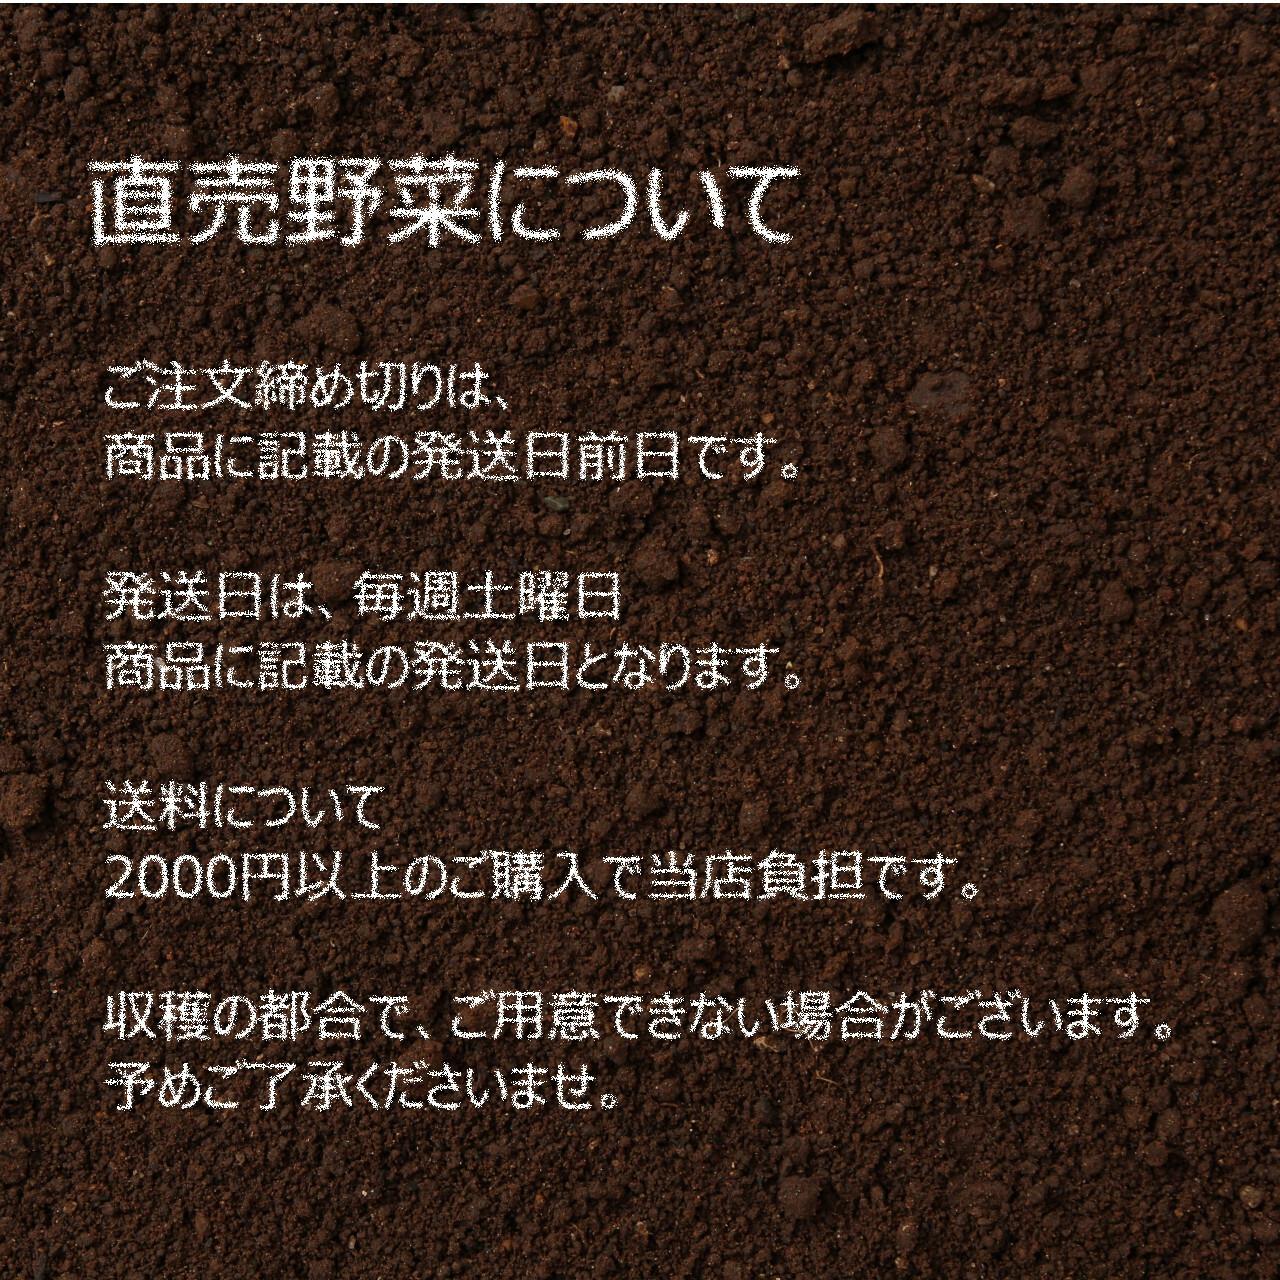 新鮮な秋野菜 : さつまいも 約600g 9月の朝採り直売野菜 9月12日発送予定